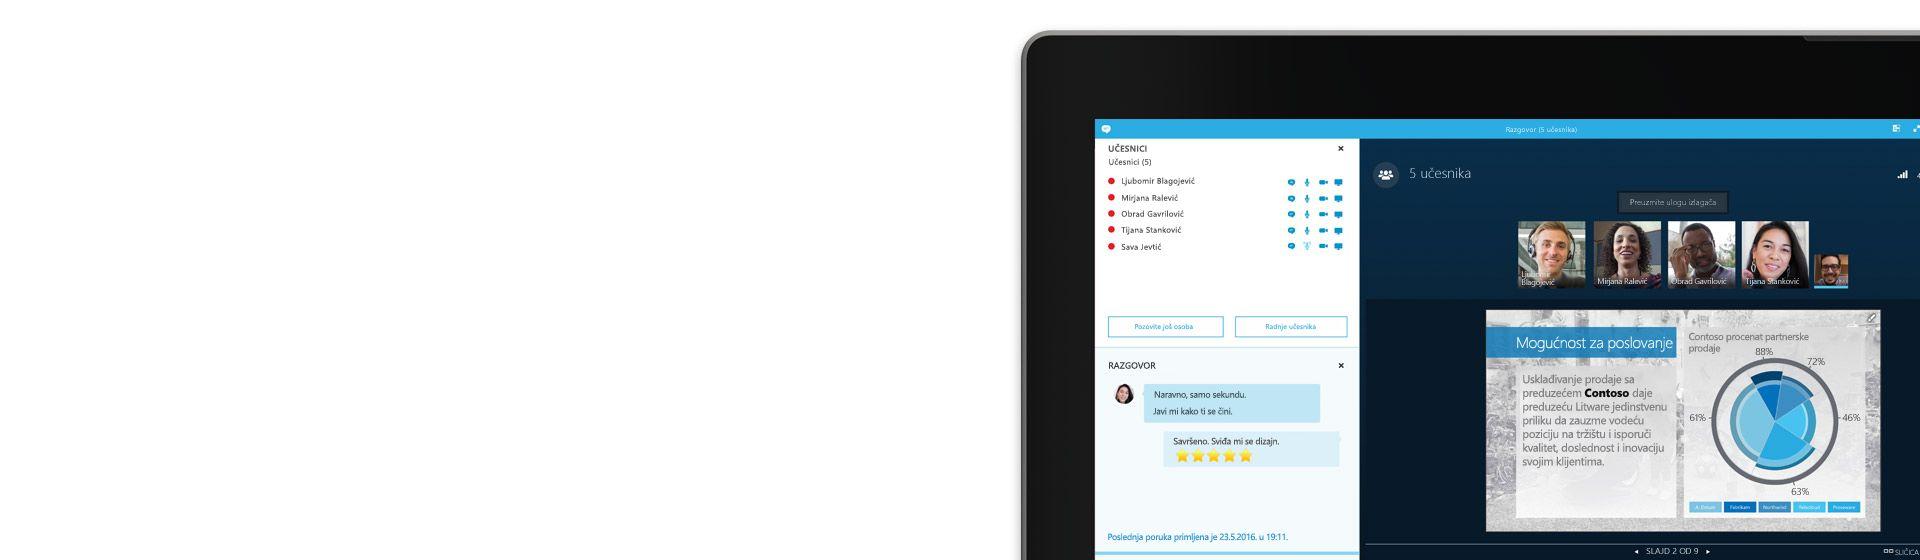 Ugao laptop ekrana koji prikazuje Skype za posao sastanak u toku sa listom učesnika